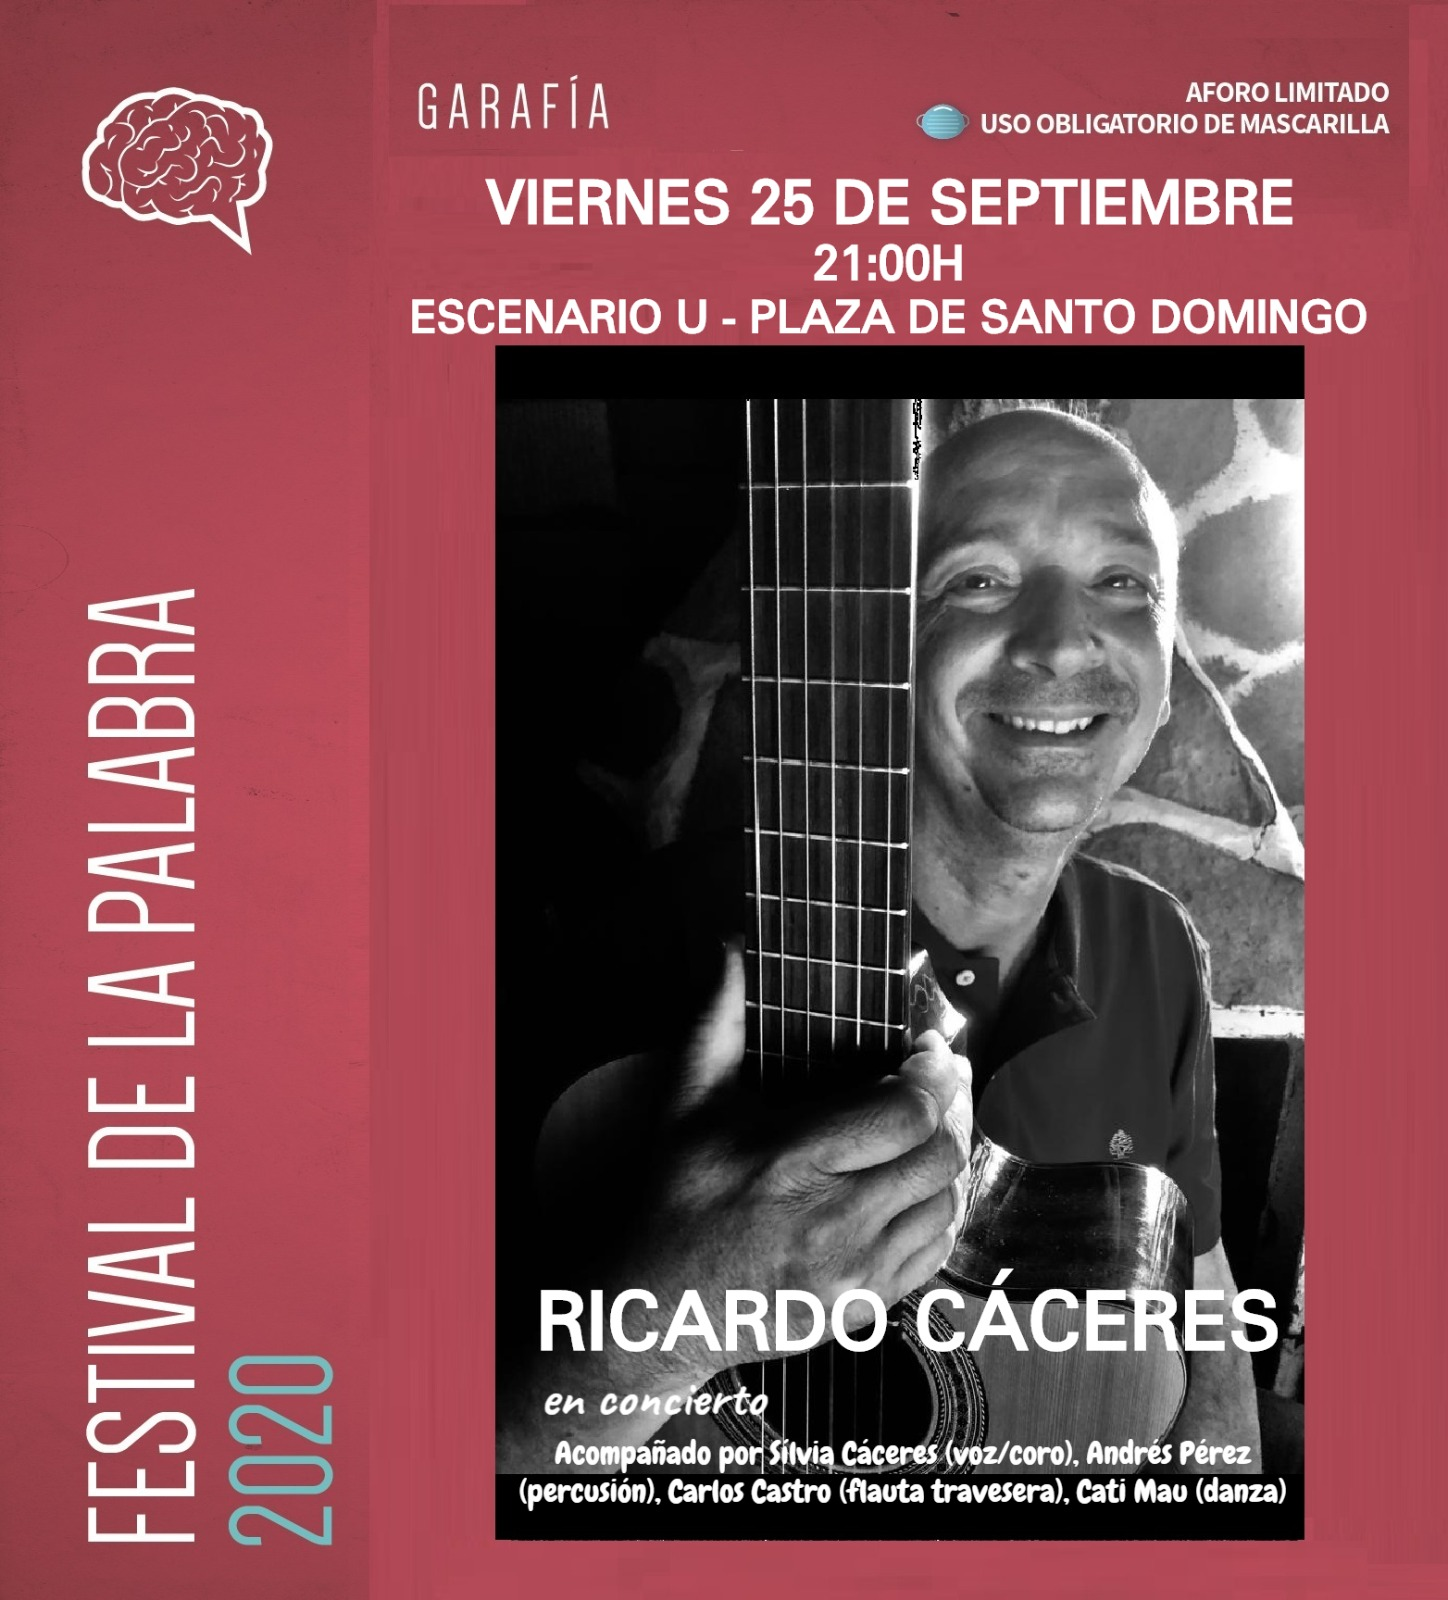 25-09-2020-ricardo-caceres-concierto-garafia